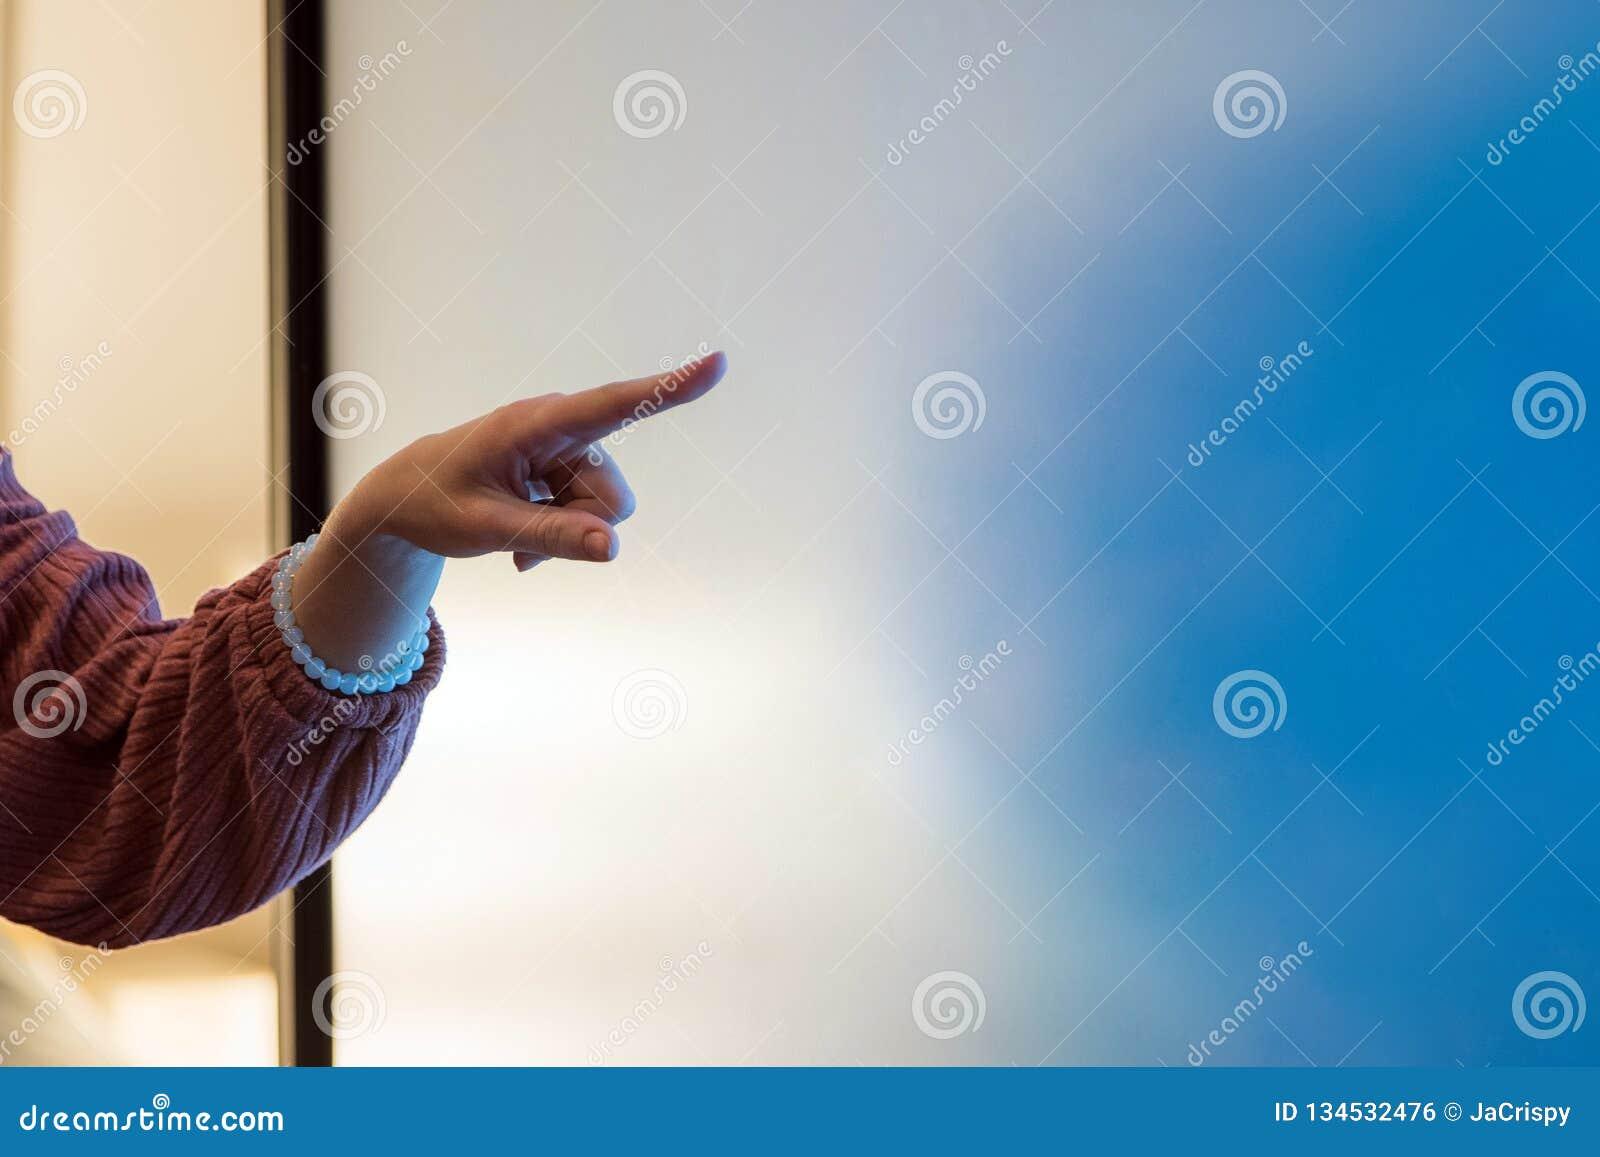 Закройте вверх руки женщины указывая на диаграмму доски сальто на офис, дело, людей и концепцию образования